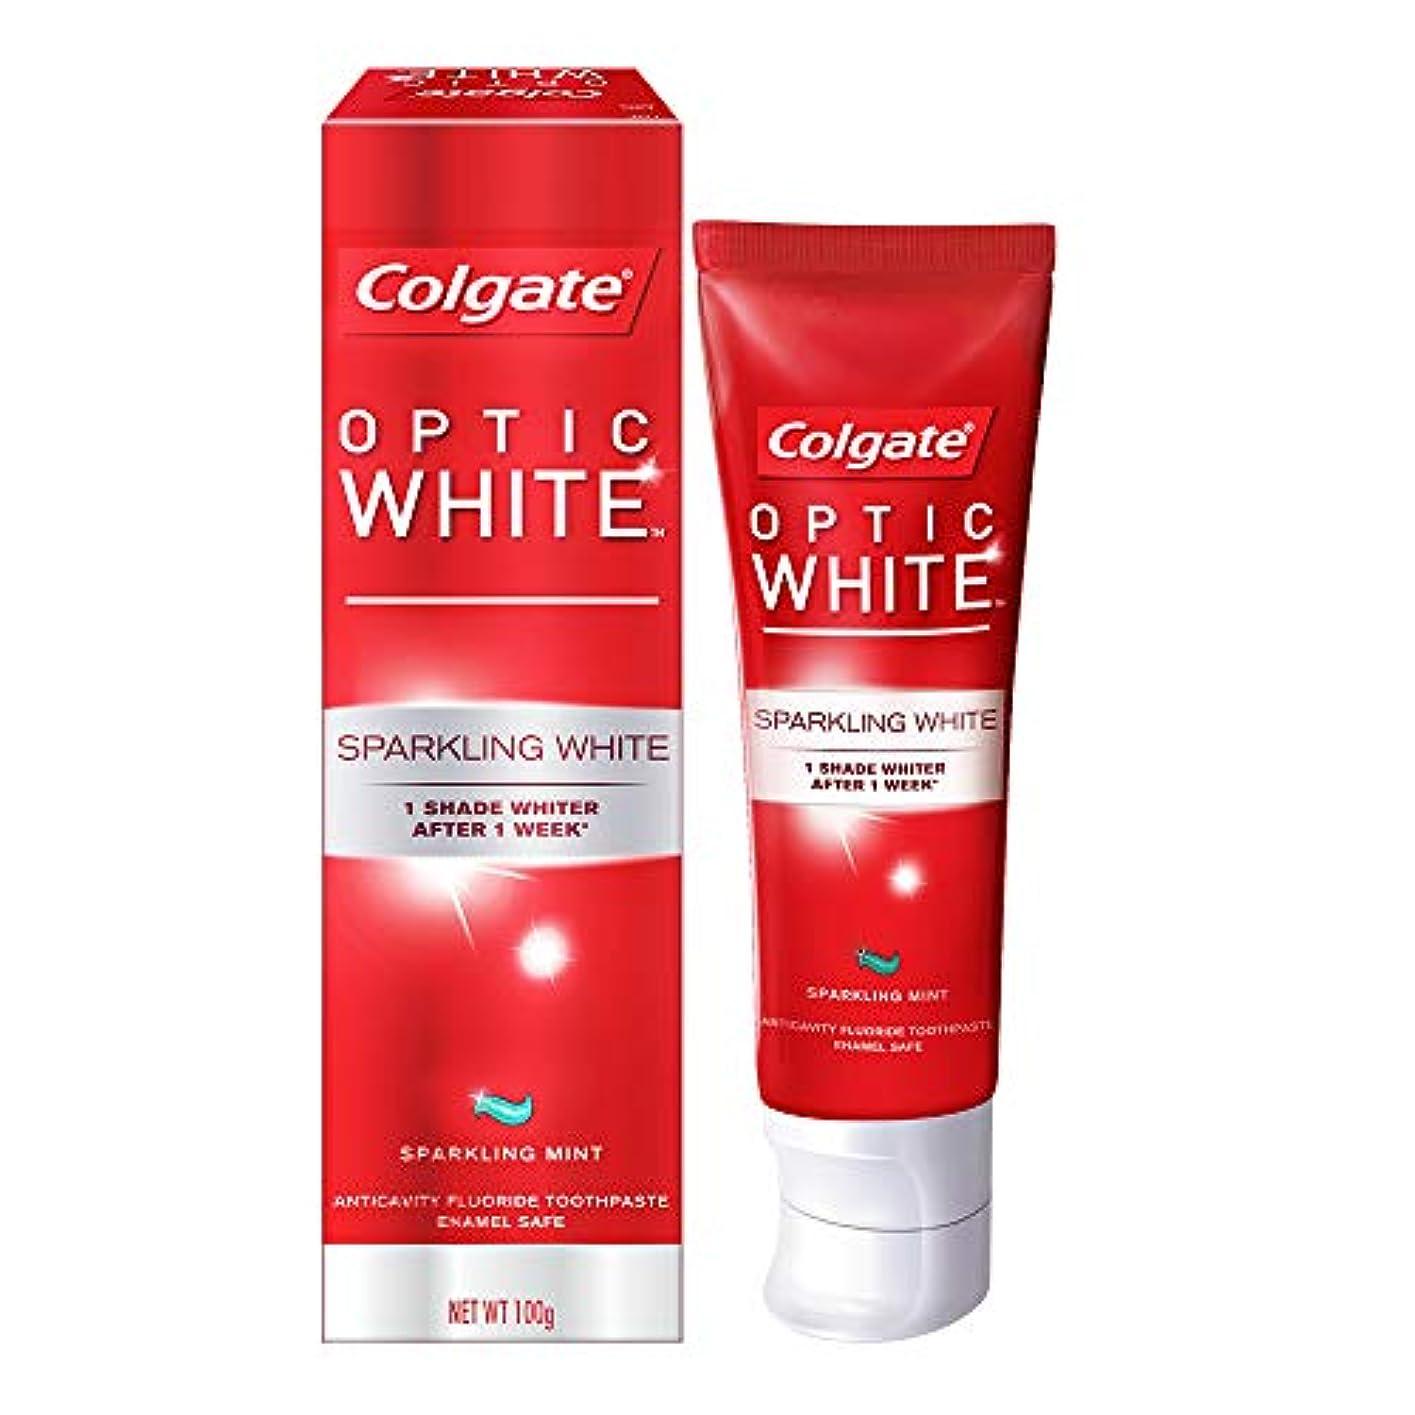 シャワー言語歯車コールゲート オプティック ホワイト スパークリングシャイン 100g 歯磨き粉 Colgate Optic White Sparkling Shine 100g Tooth Paste